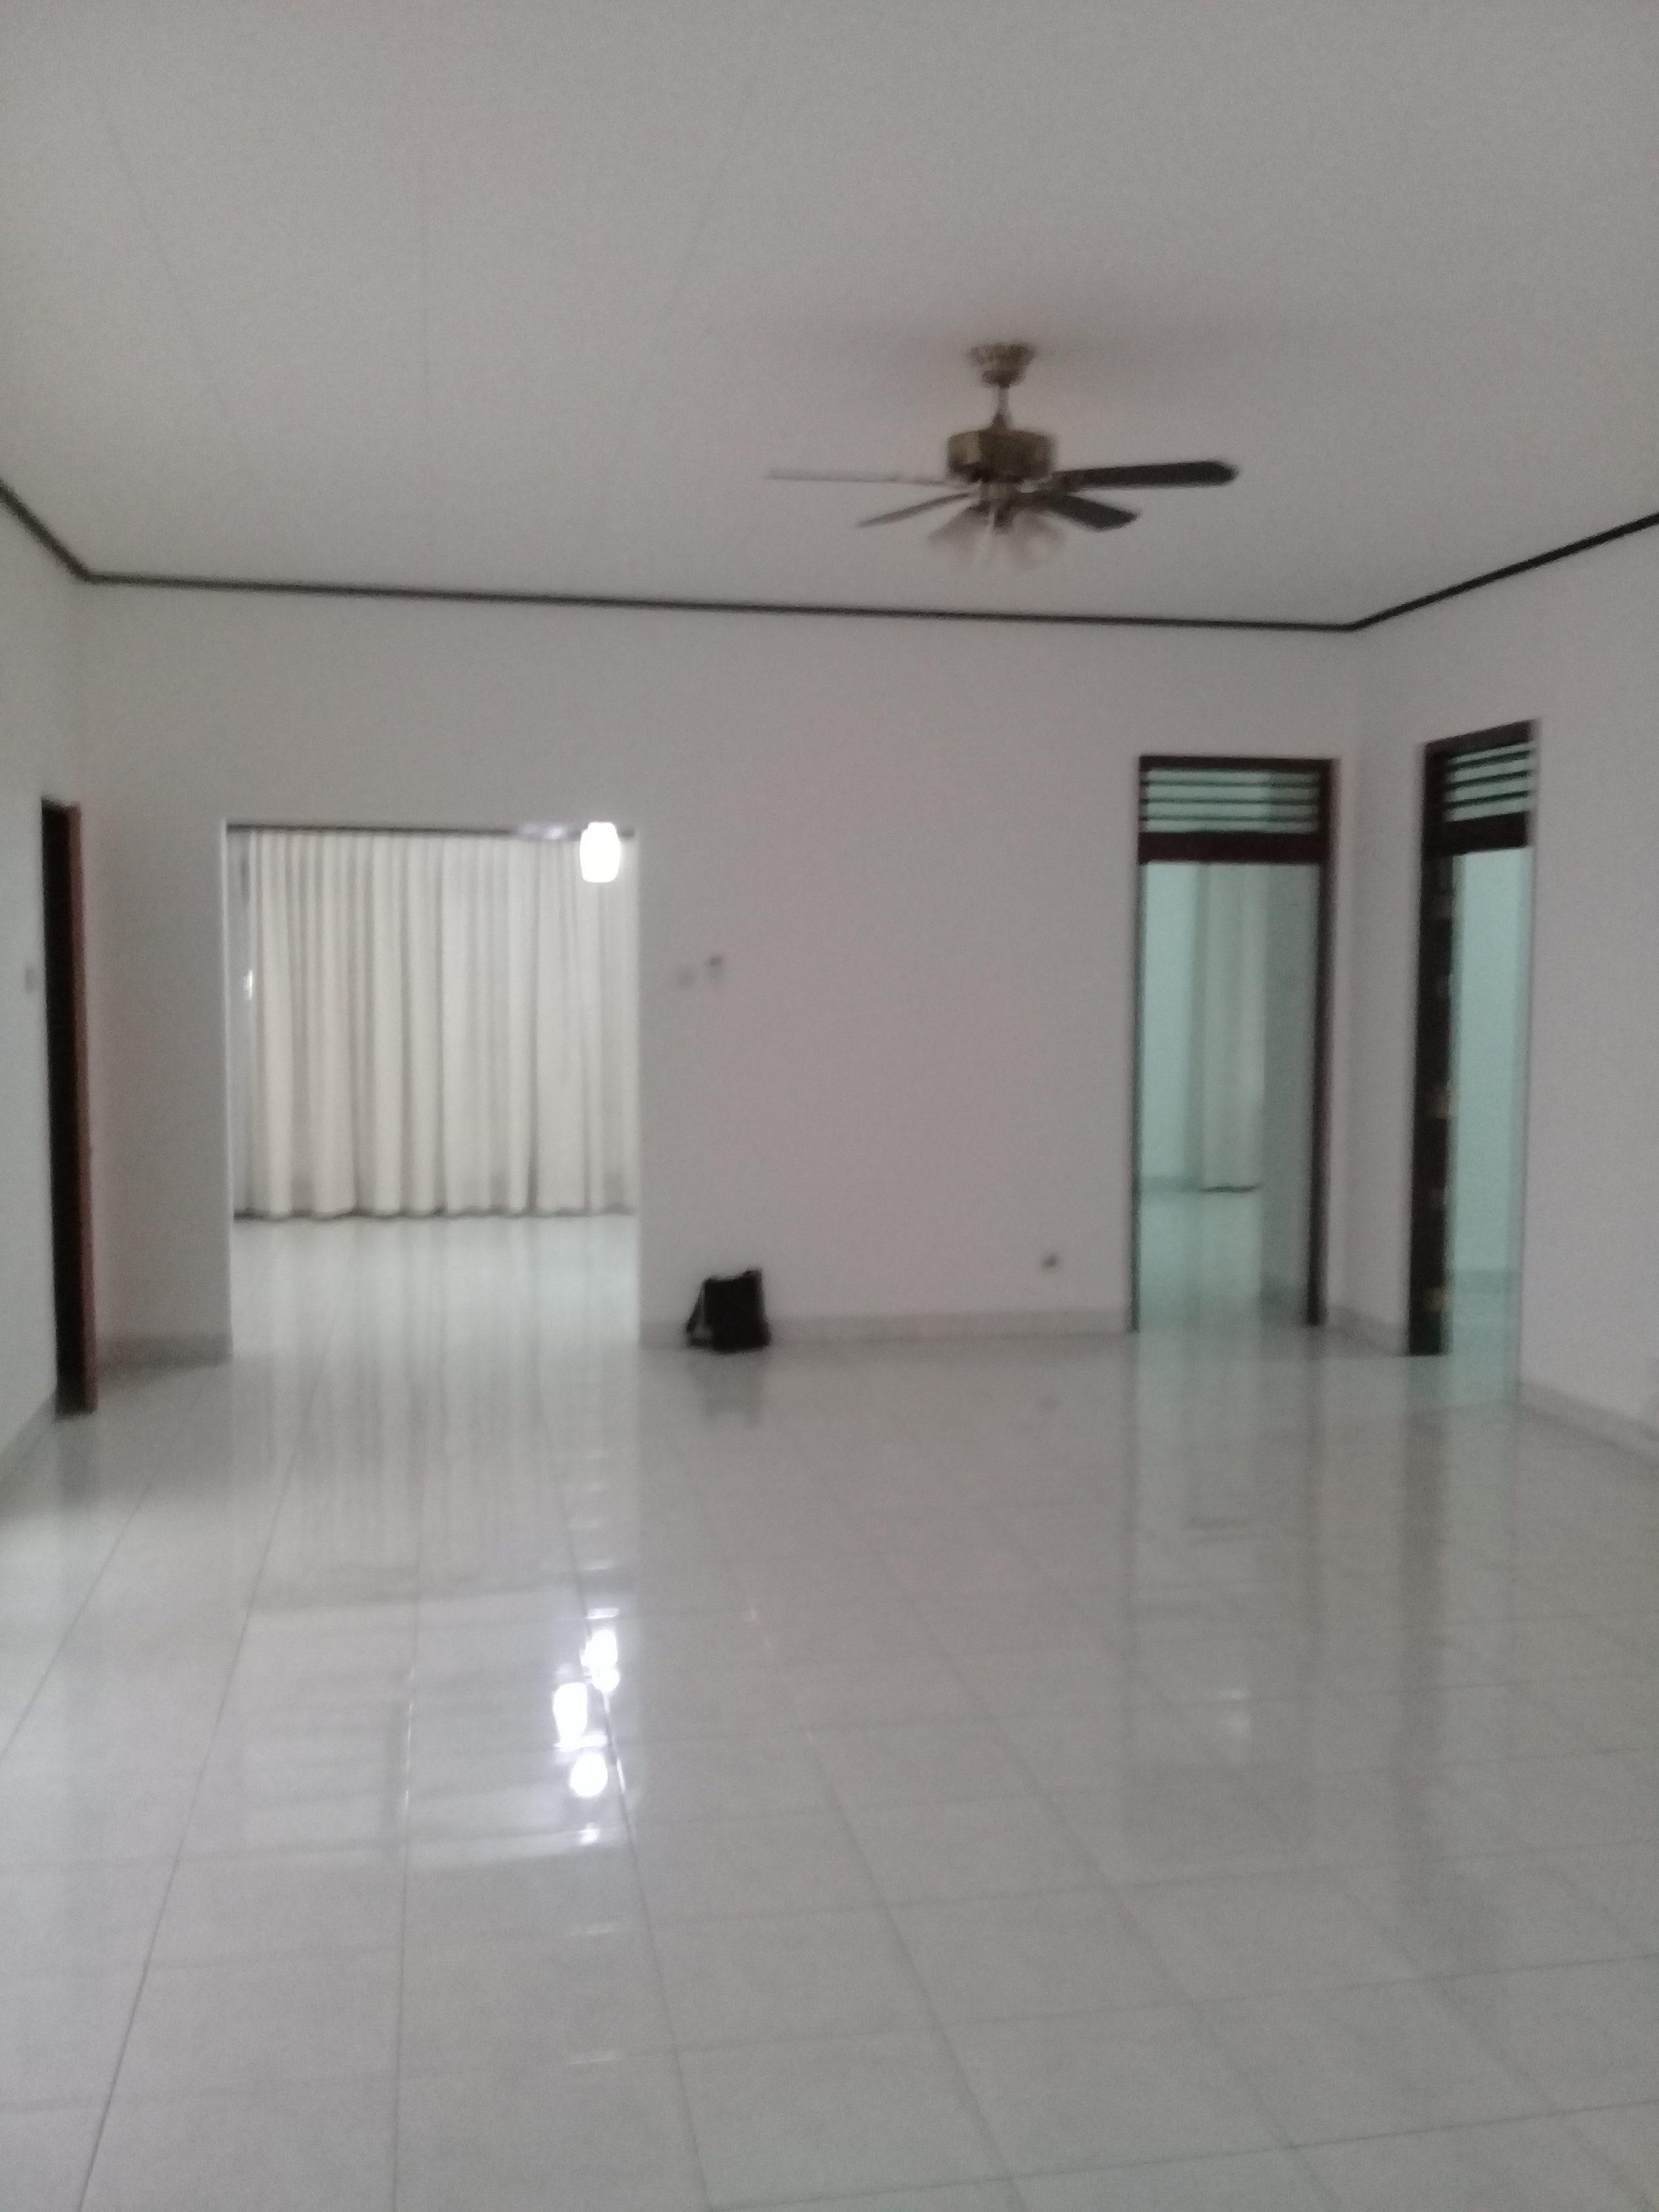 Rumah Sewa Siap Huni Di Cipete Cocok Untuk Kantor